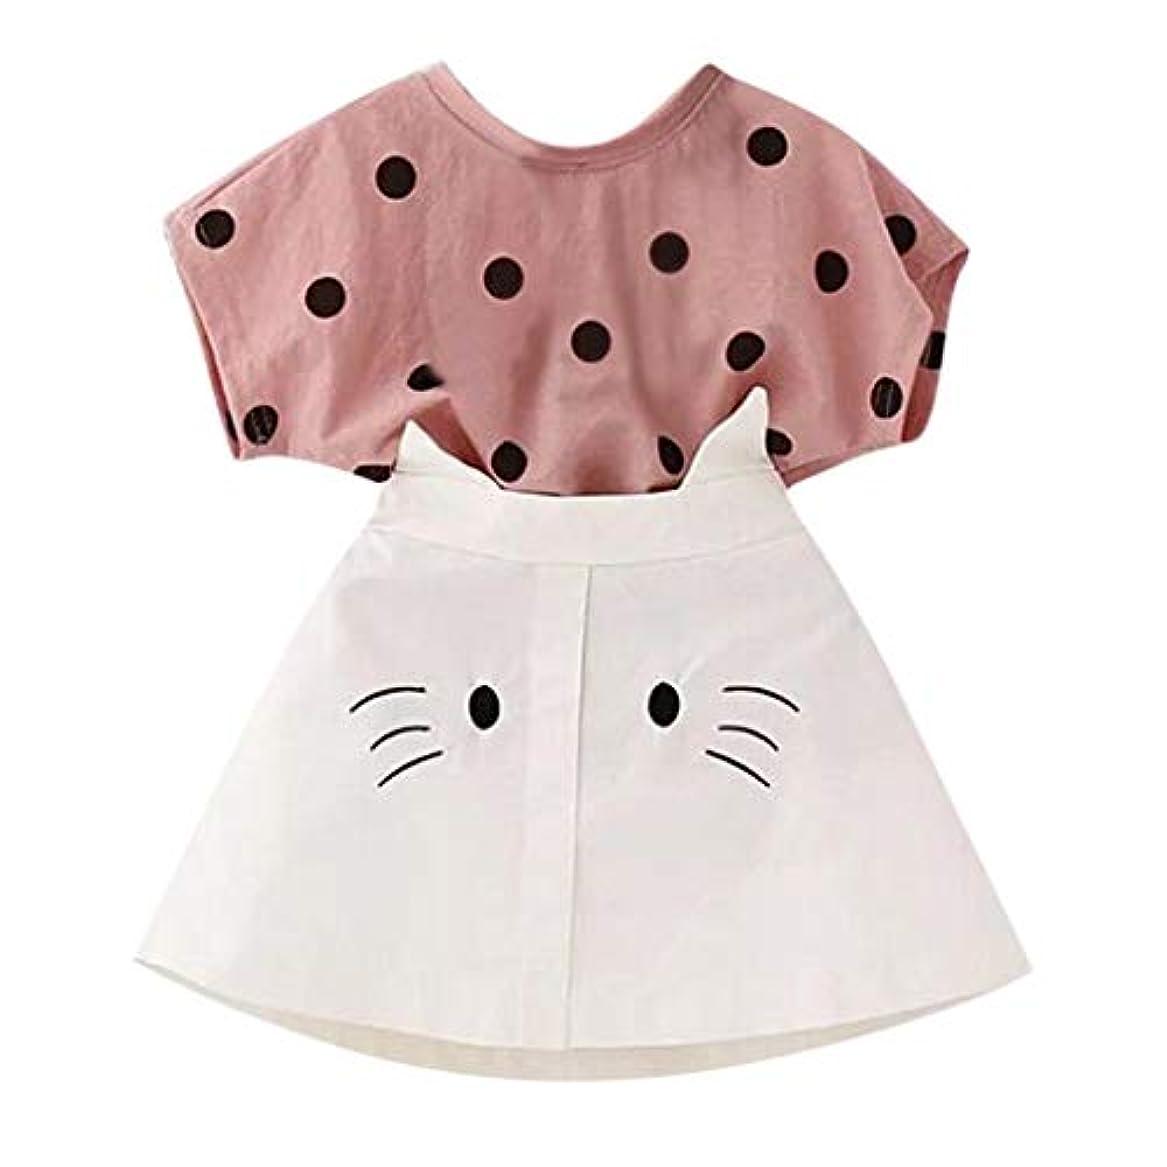 分まぶしさ証書Sofitoa 幼児子供ベビー服服装服ドットプリントTシャツ+猫刺繍スカートセット